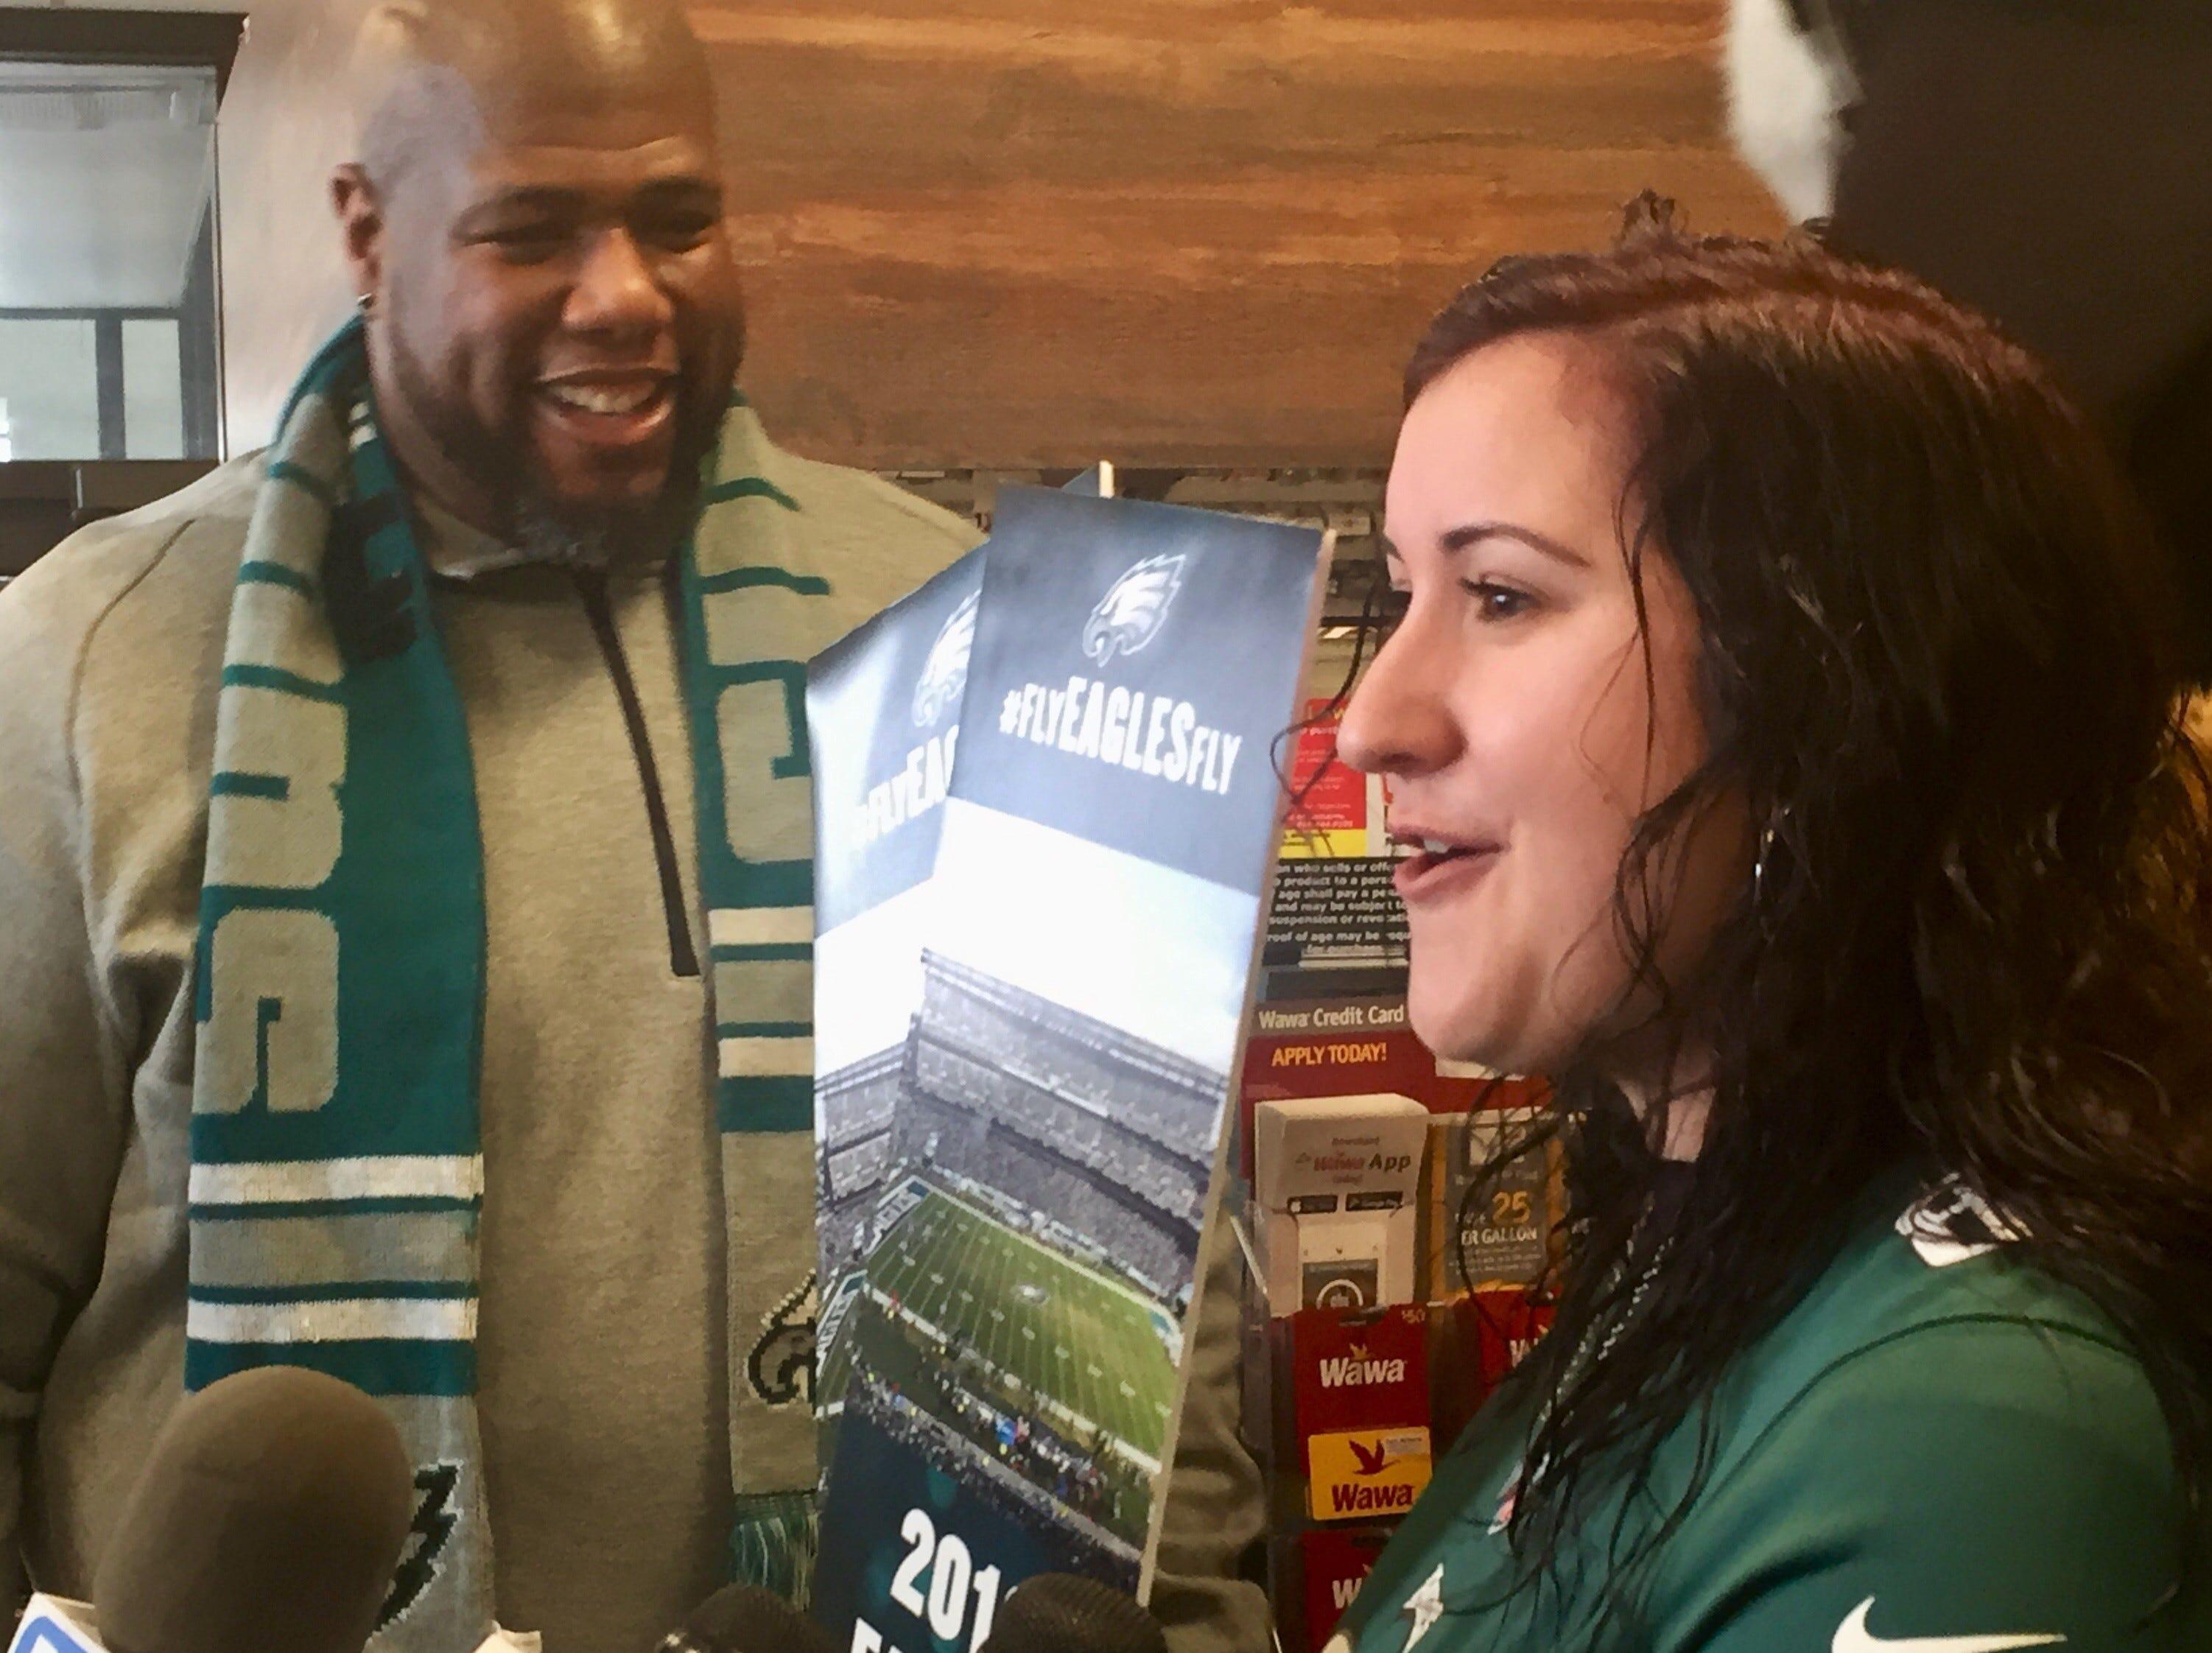 Eagles fan finds sweet treat in candy bar